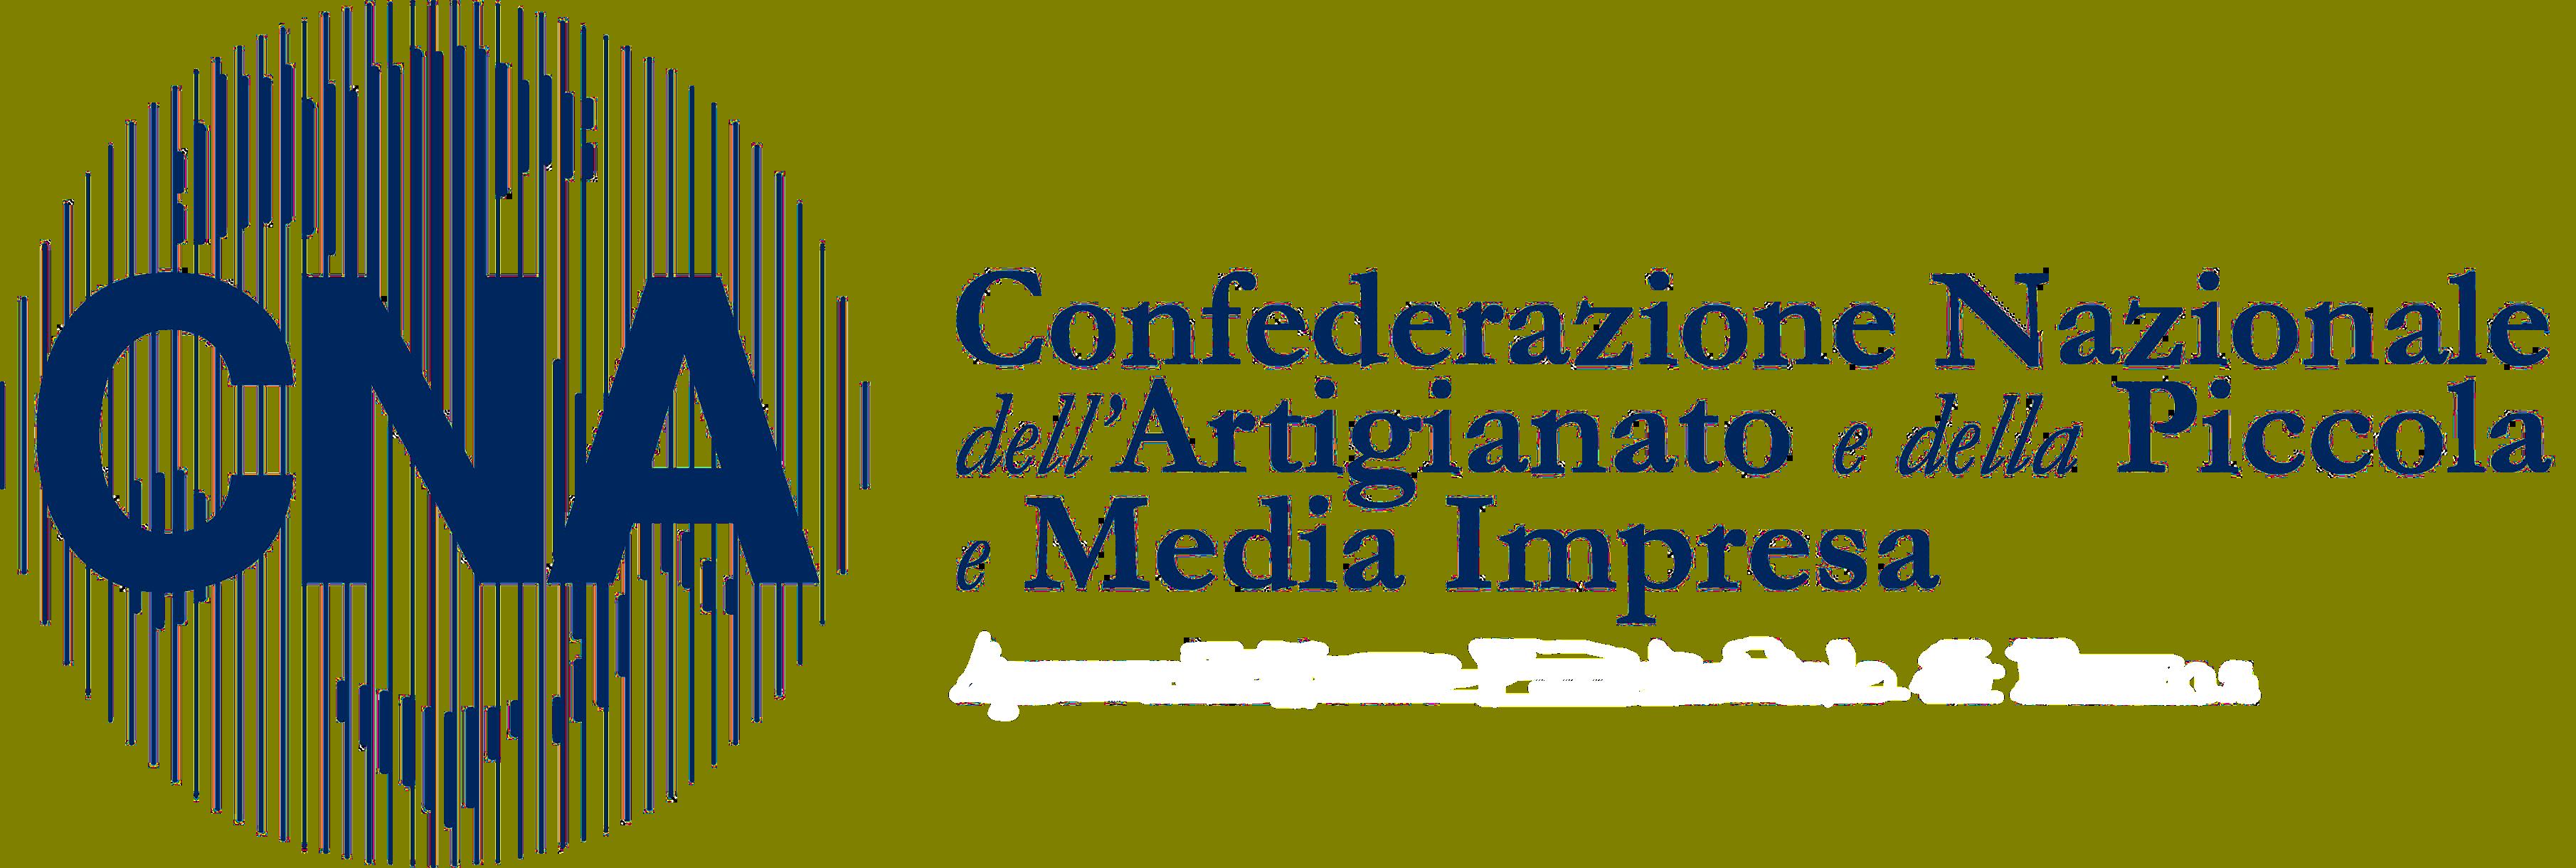 Risultati immagini per logo cna nazionale